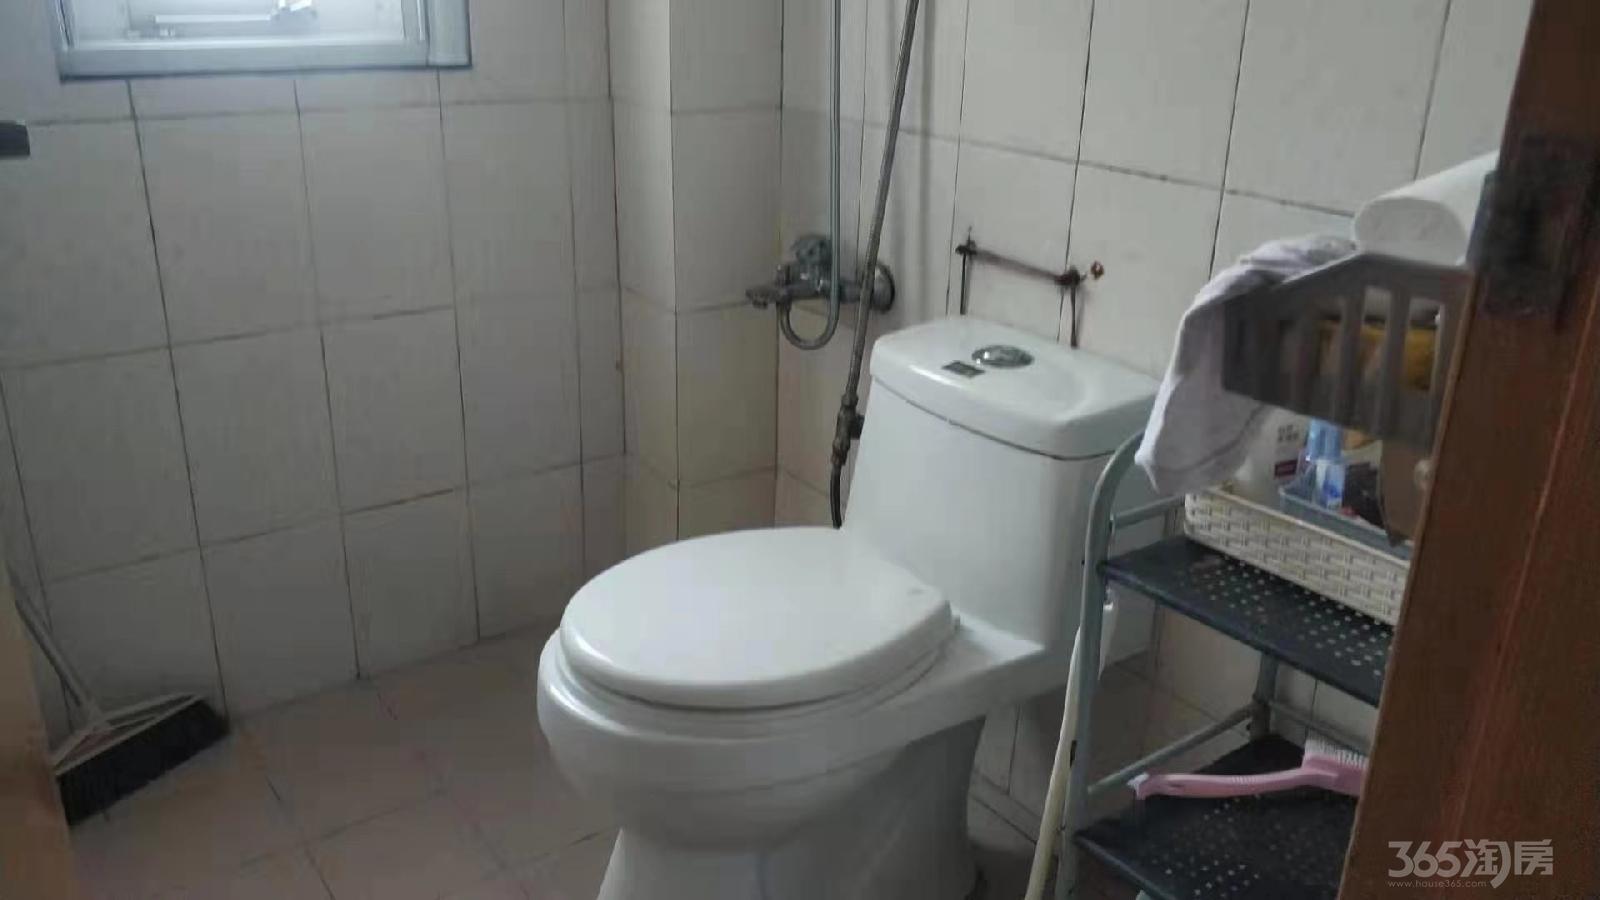 上元里2室1厅1卫64.00平米整租简装